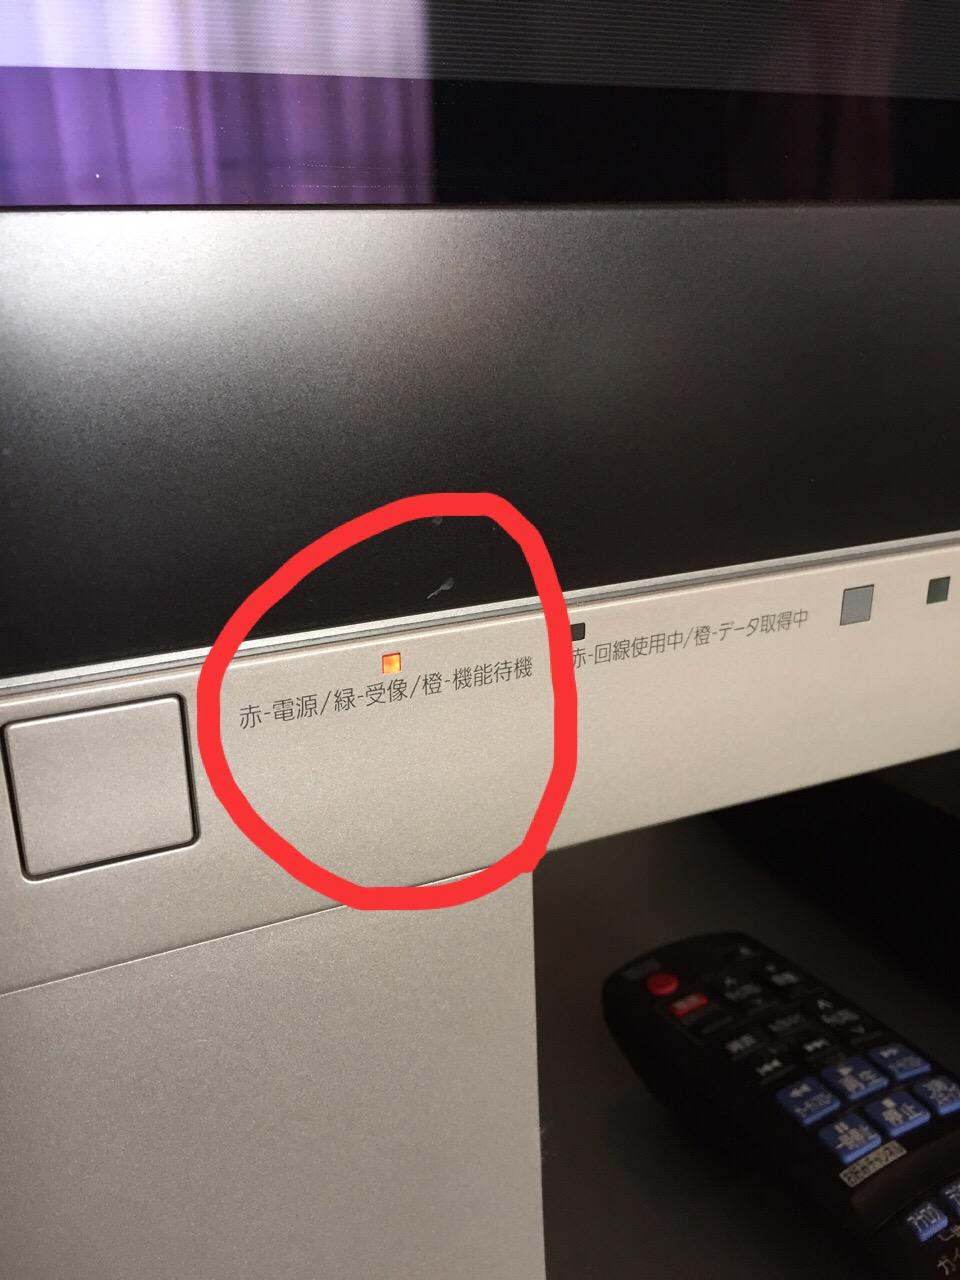 テレビが映らない 電源ランプは何回点滅していますか ようでん